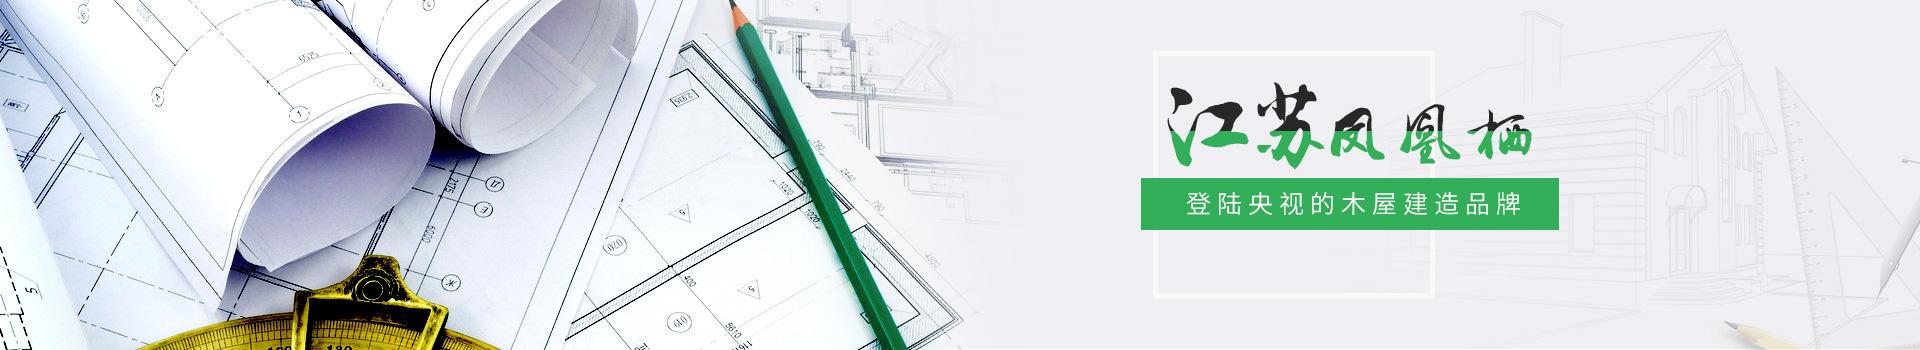 江苏凤凰栖 —  登陆央视的木屋建造品牌